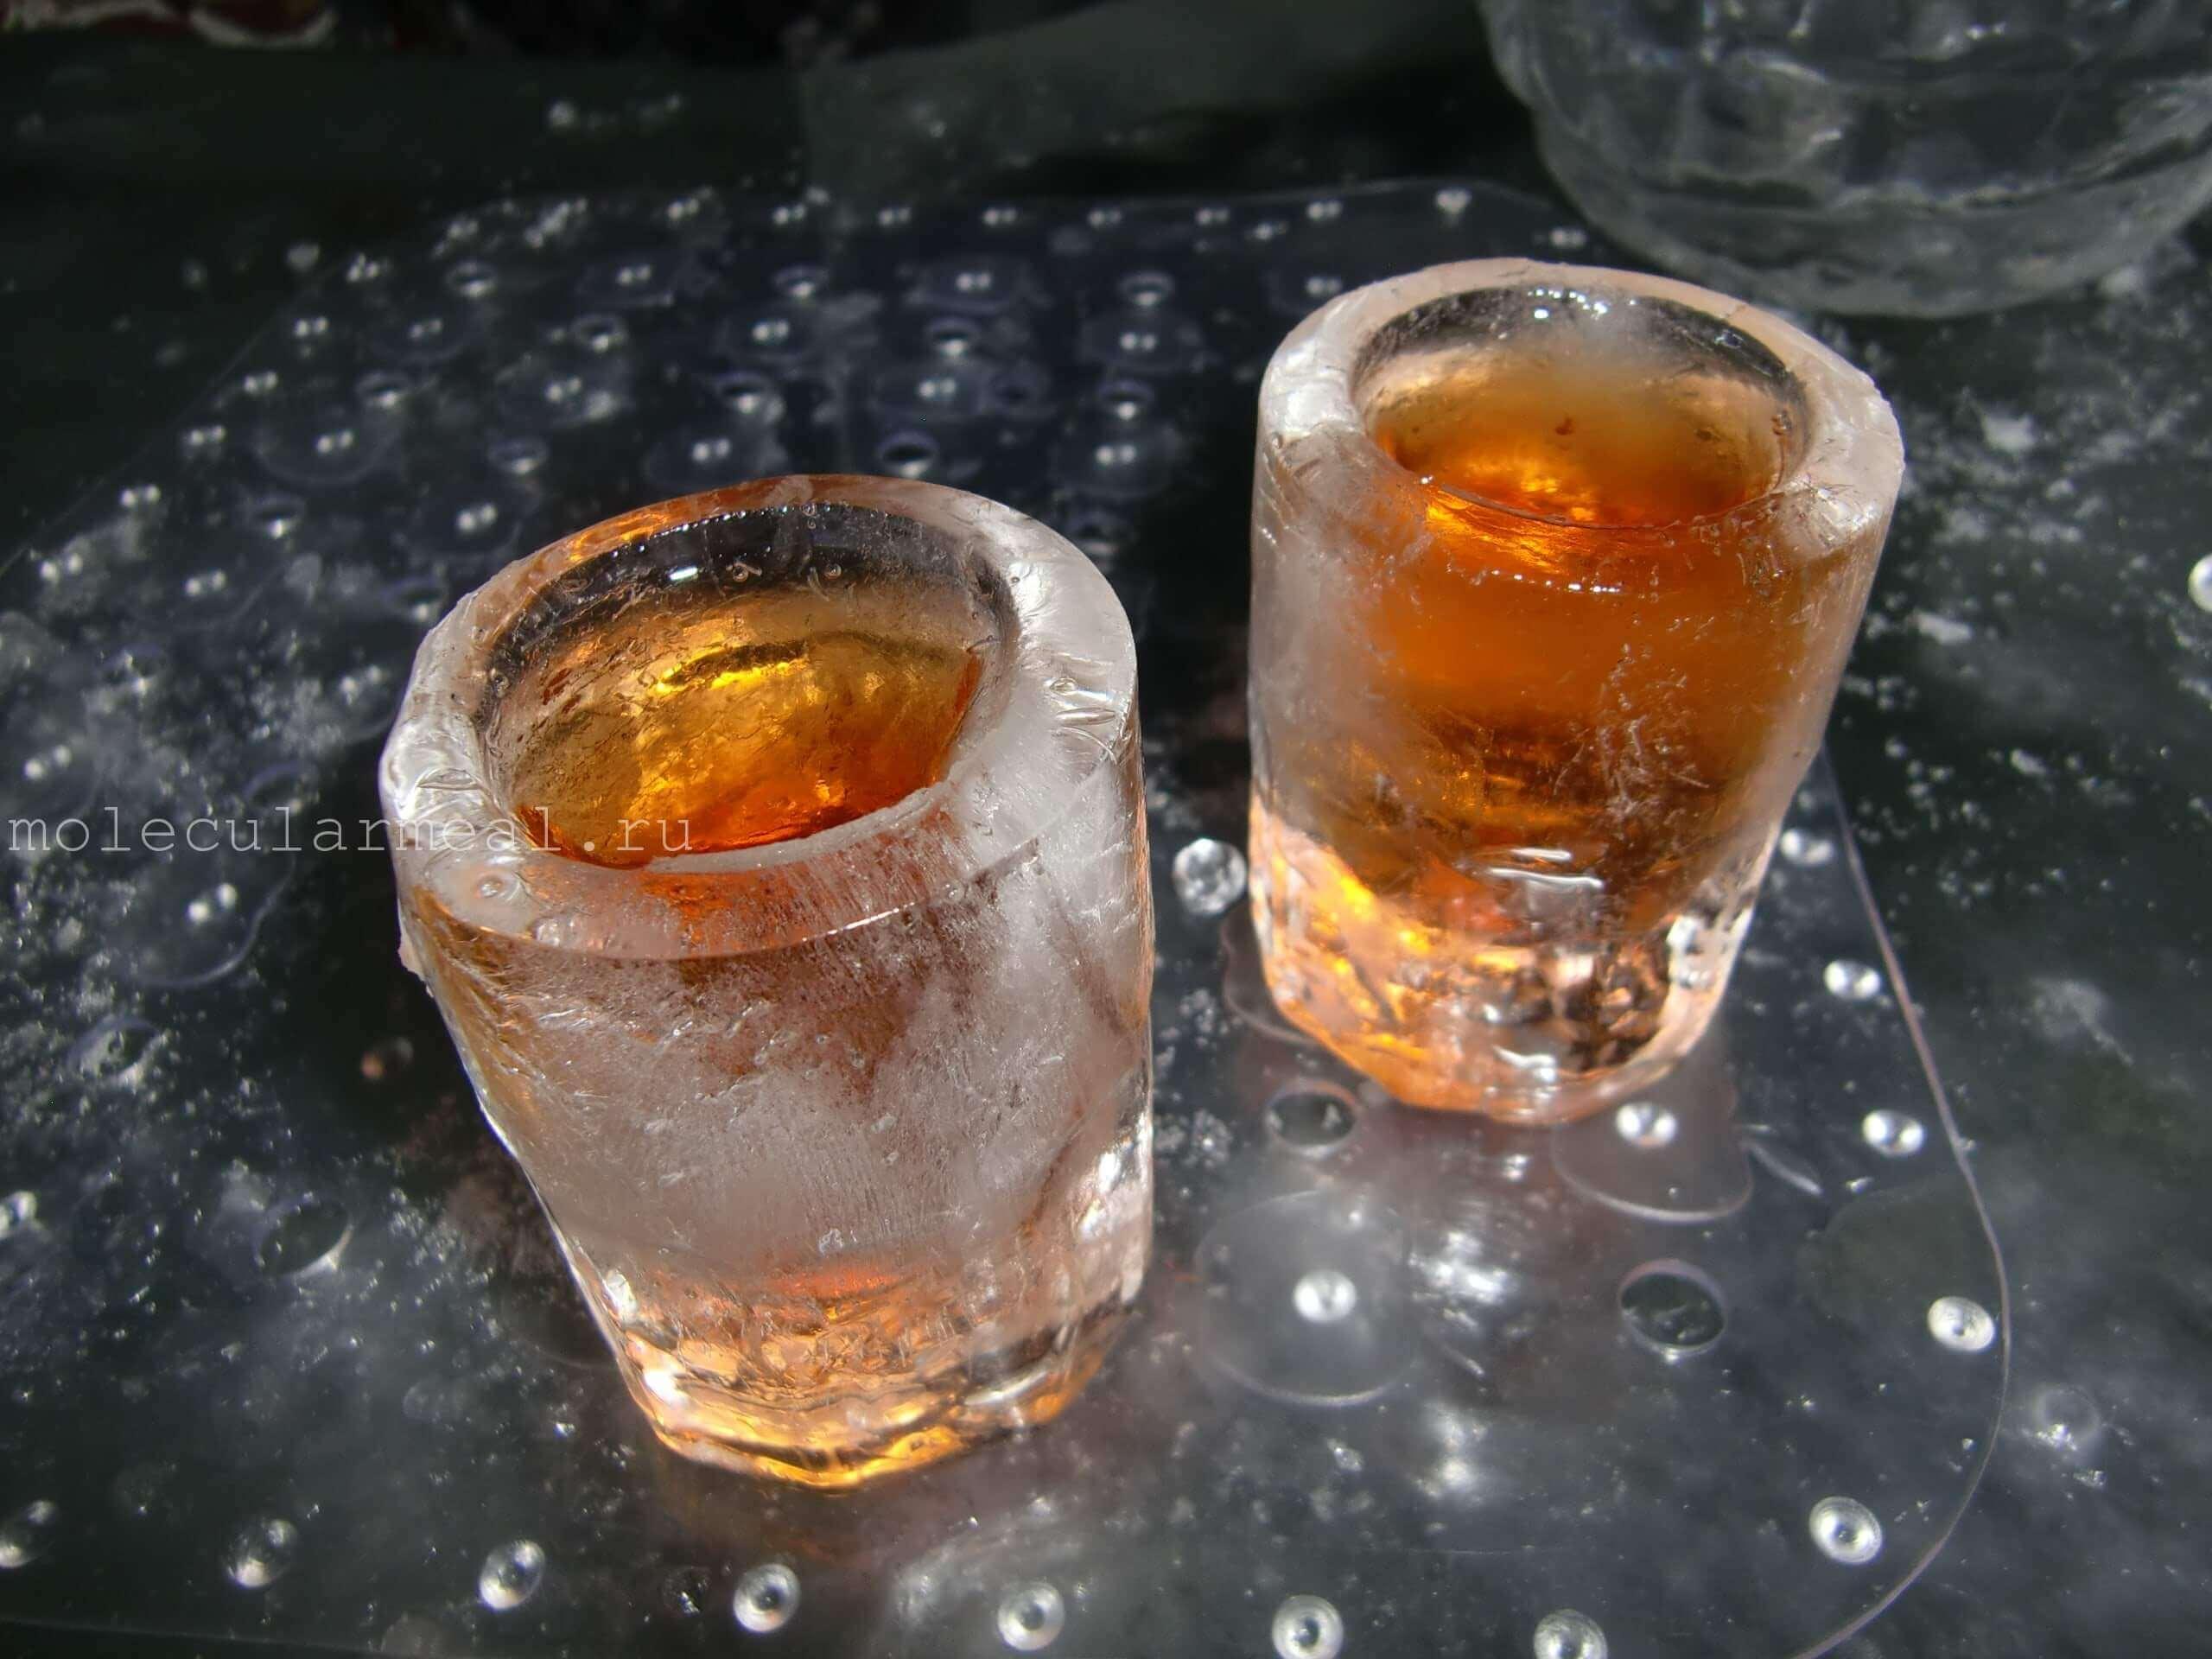 Услуги ледяного бара в Москве